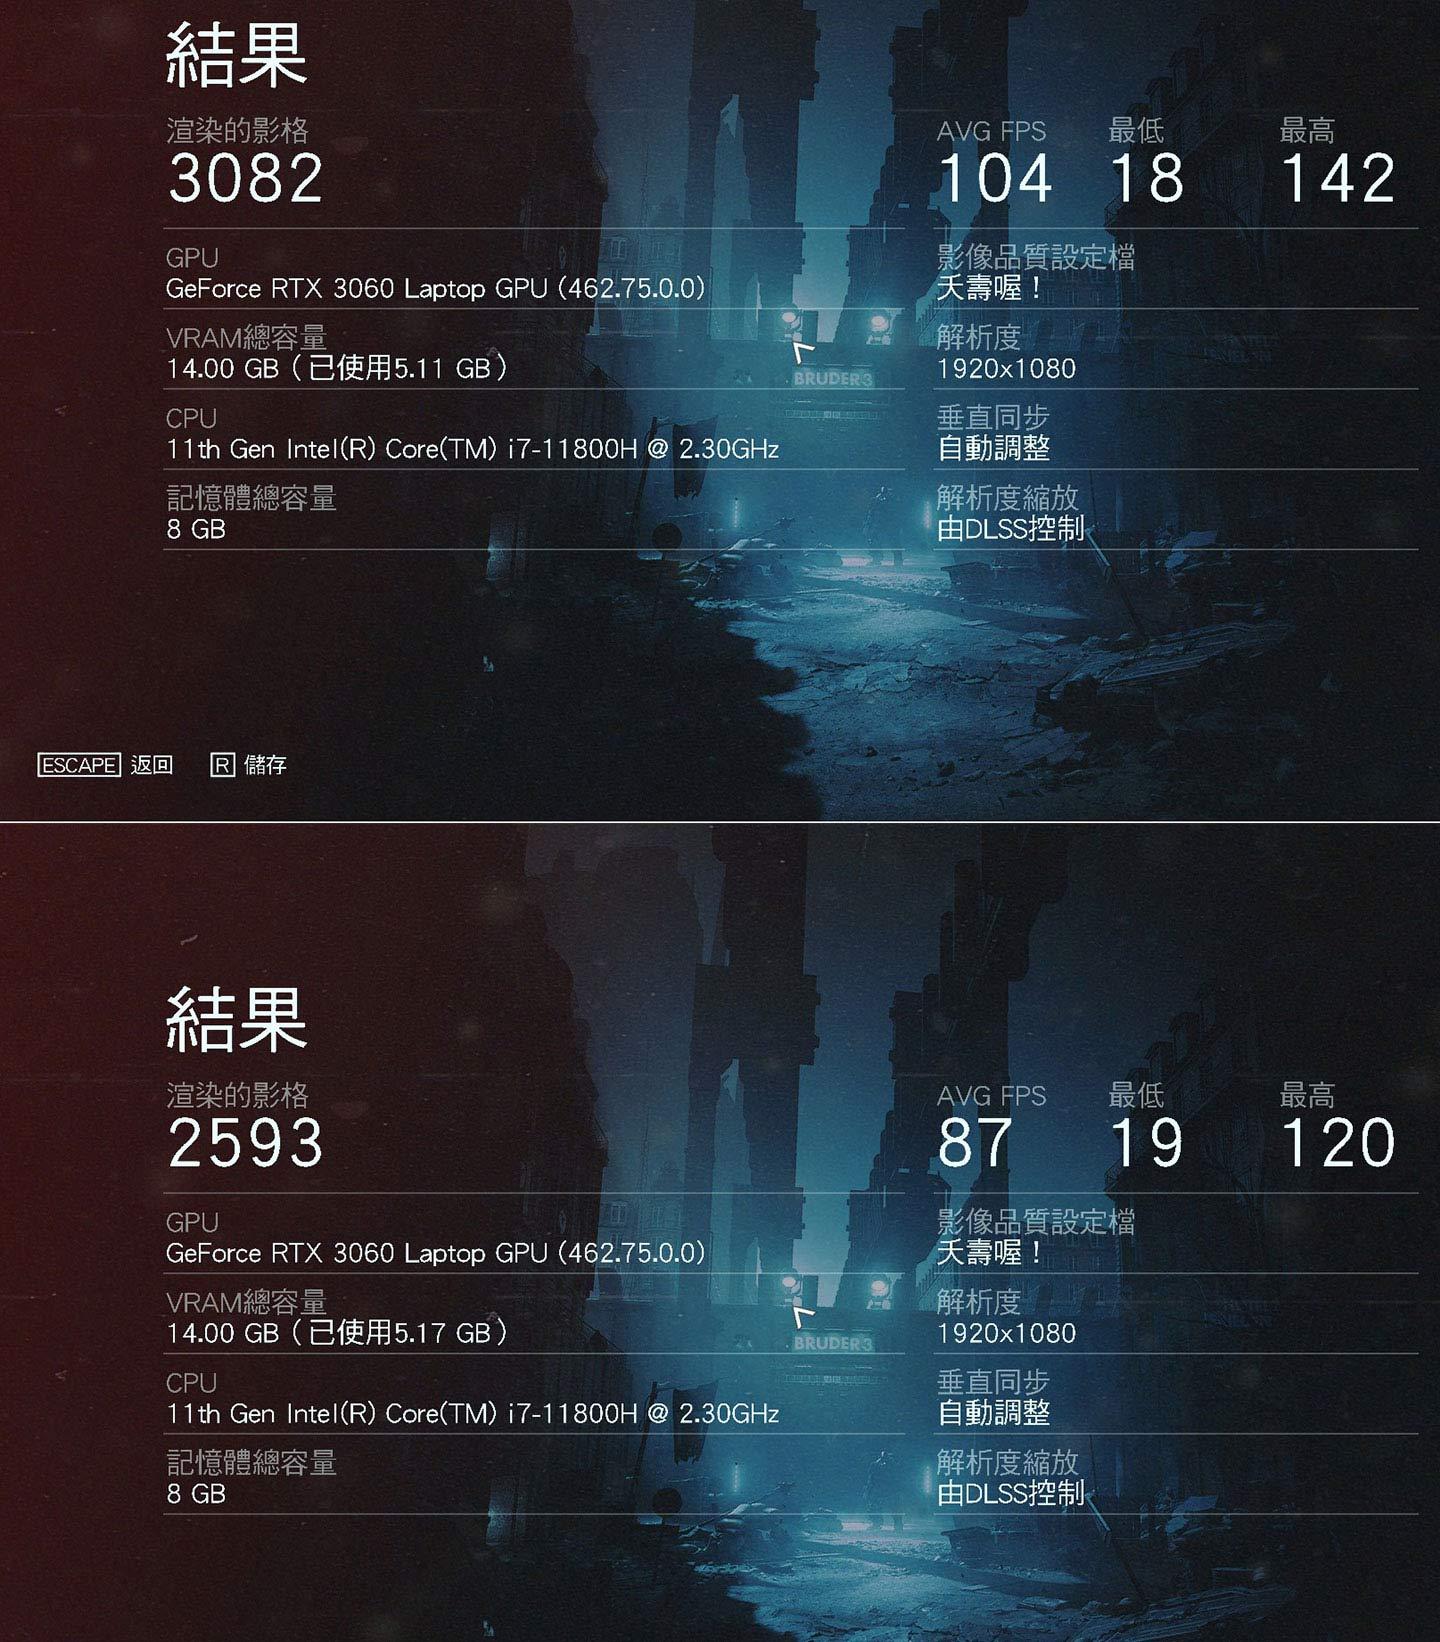 上述相同的設定,再開啟 DLSS,兩個實測場景平均獲得 104 與 87 幀數的成績。